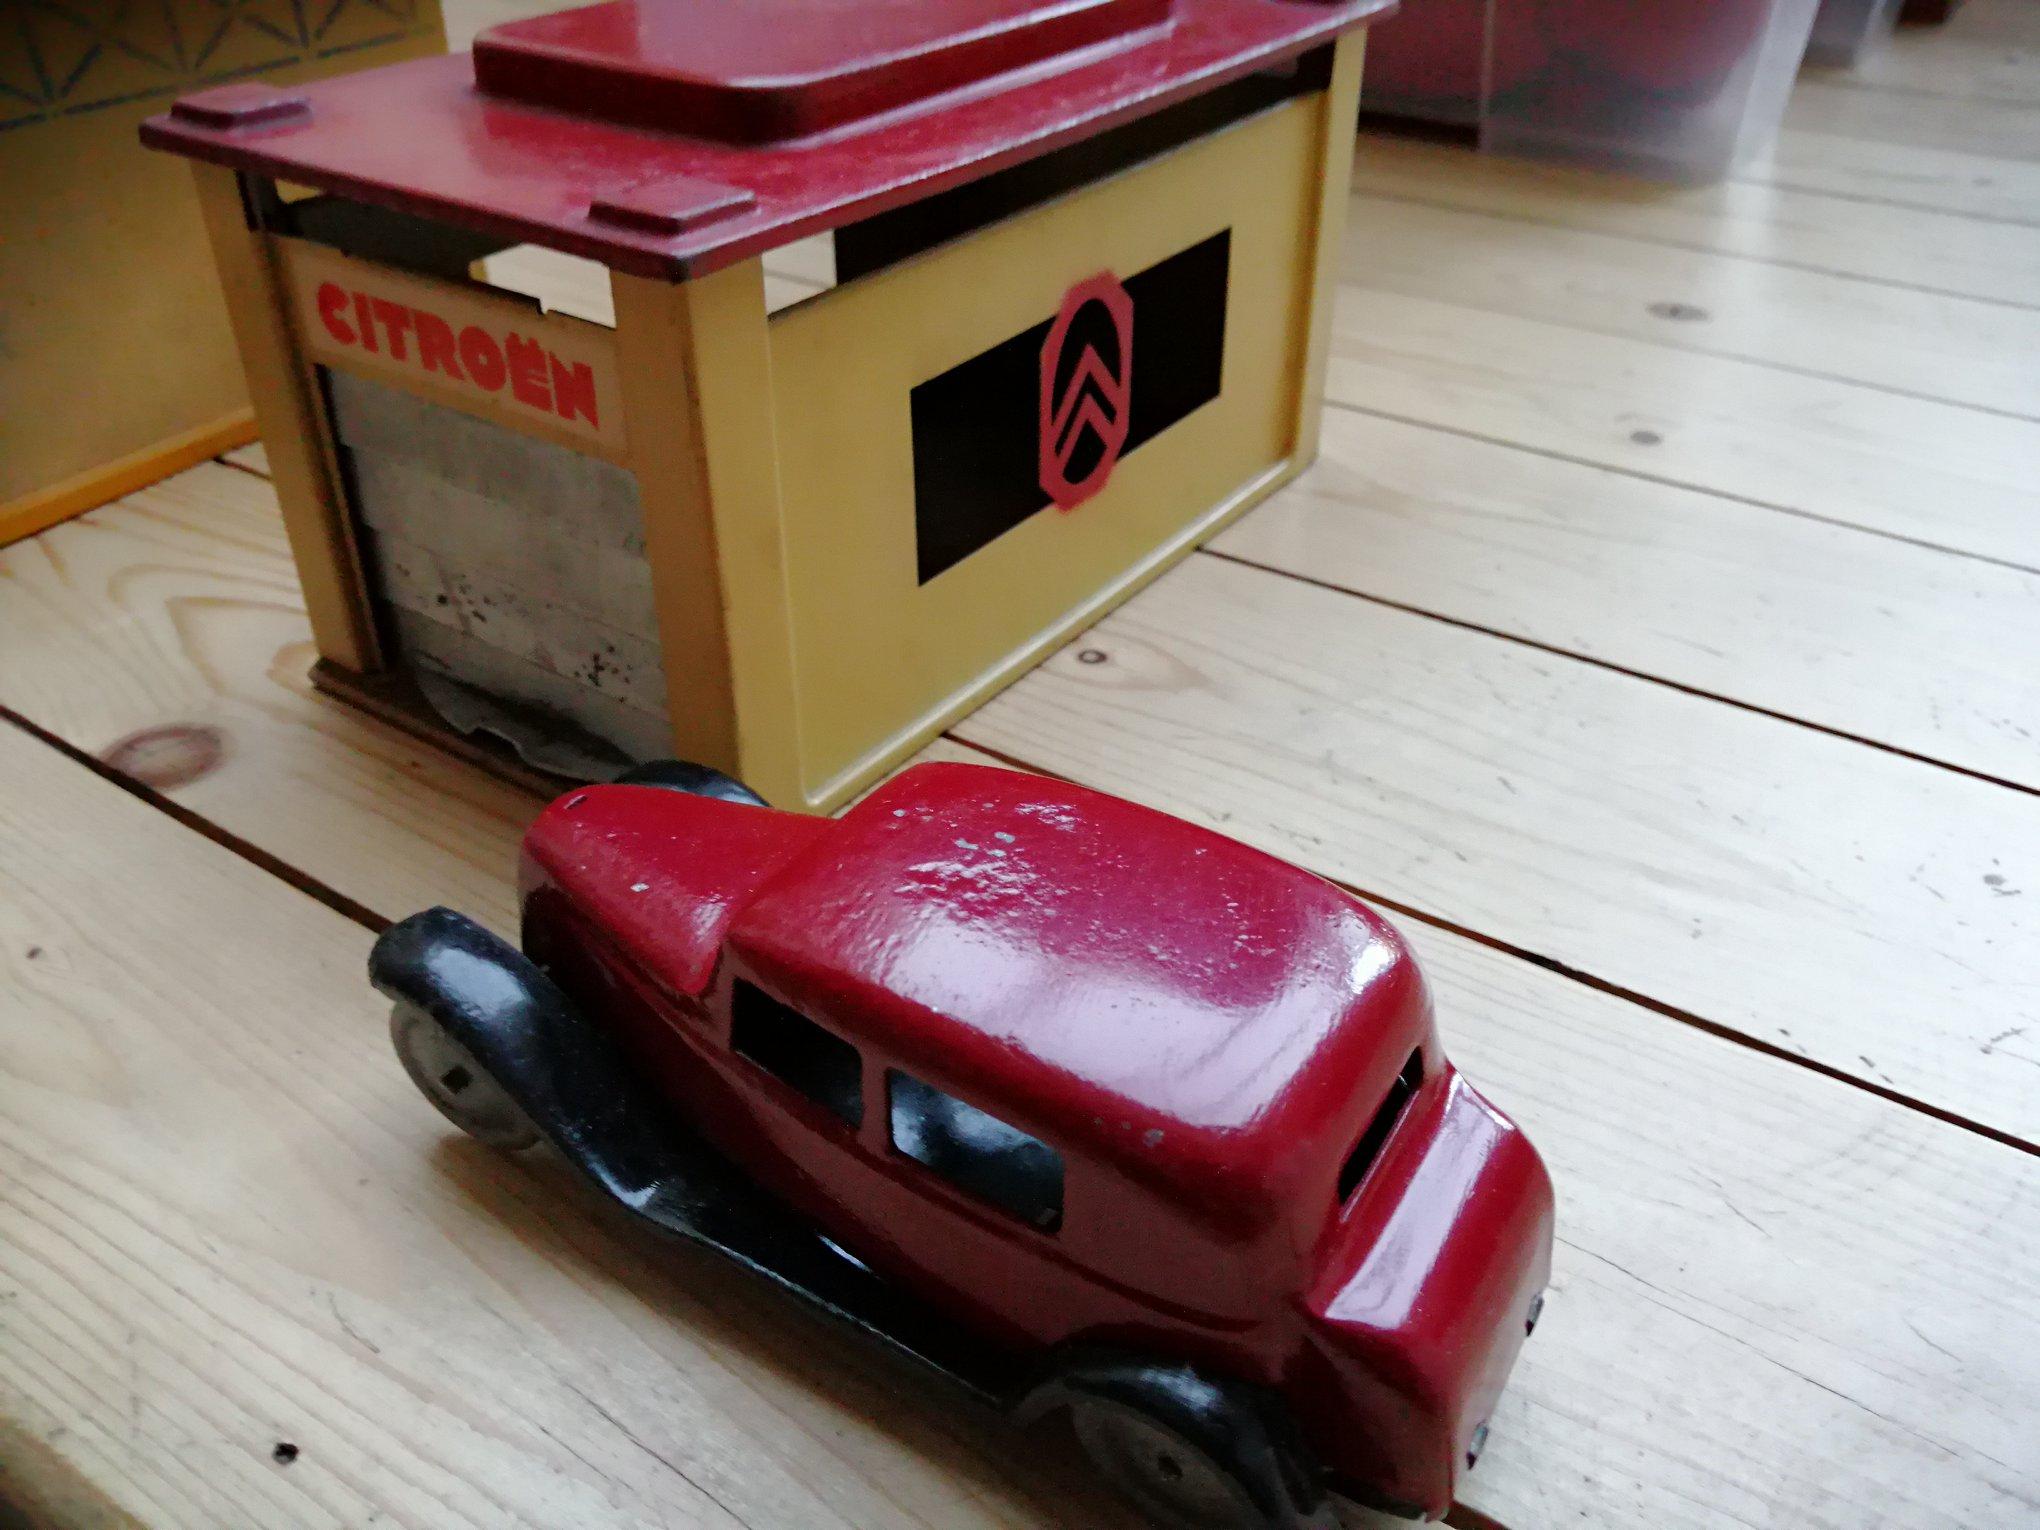 -Citroen-speelgoed--van-hout-met-een-valse-cabrio-tractie-van-1934-en-metaal--van-1935-met-een-Rosalie--3